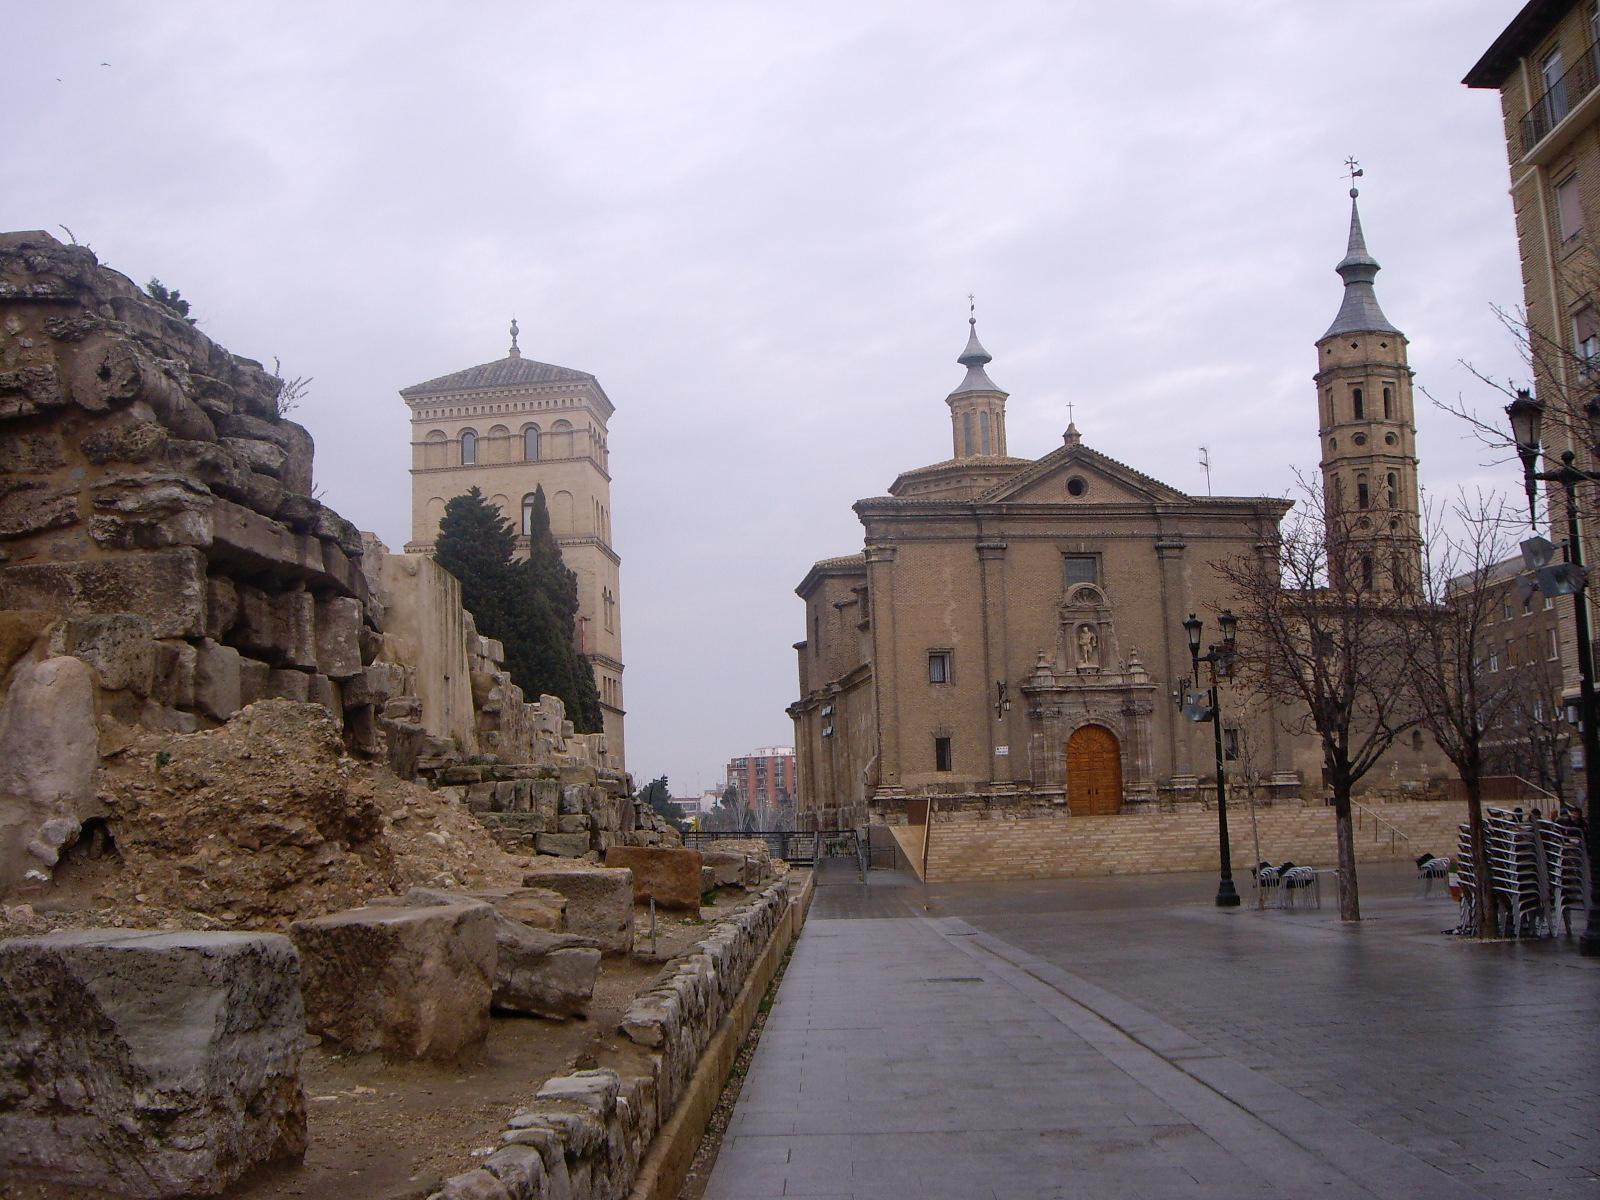 Pilar Square Saragossa Plaza Del Pilar De Zaragoza